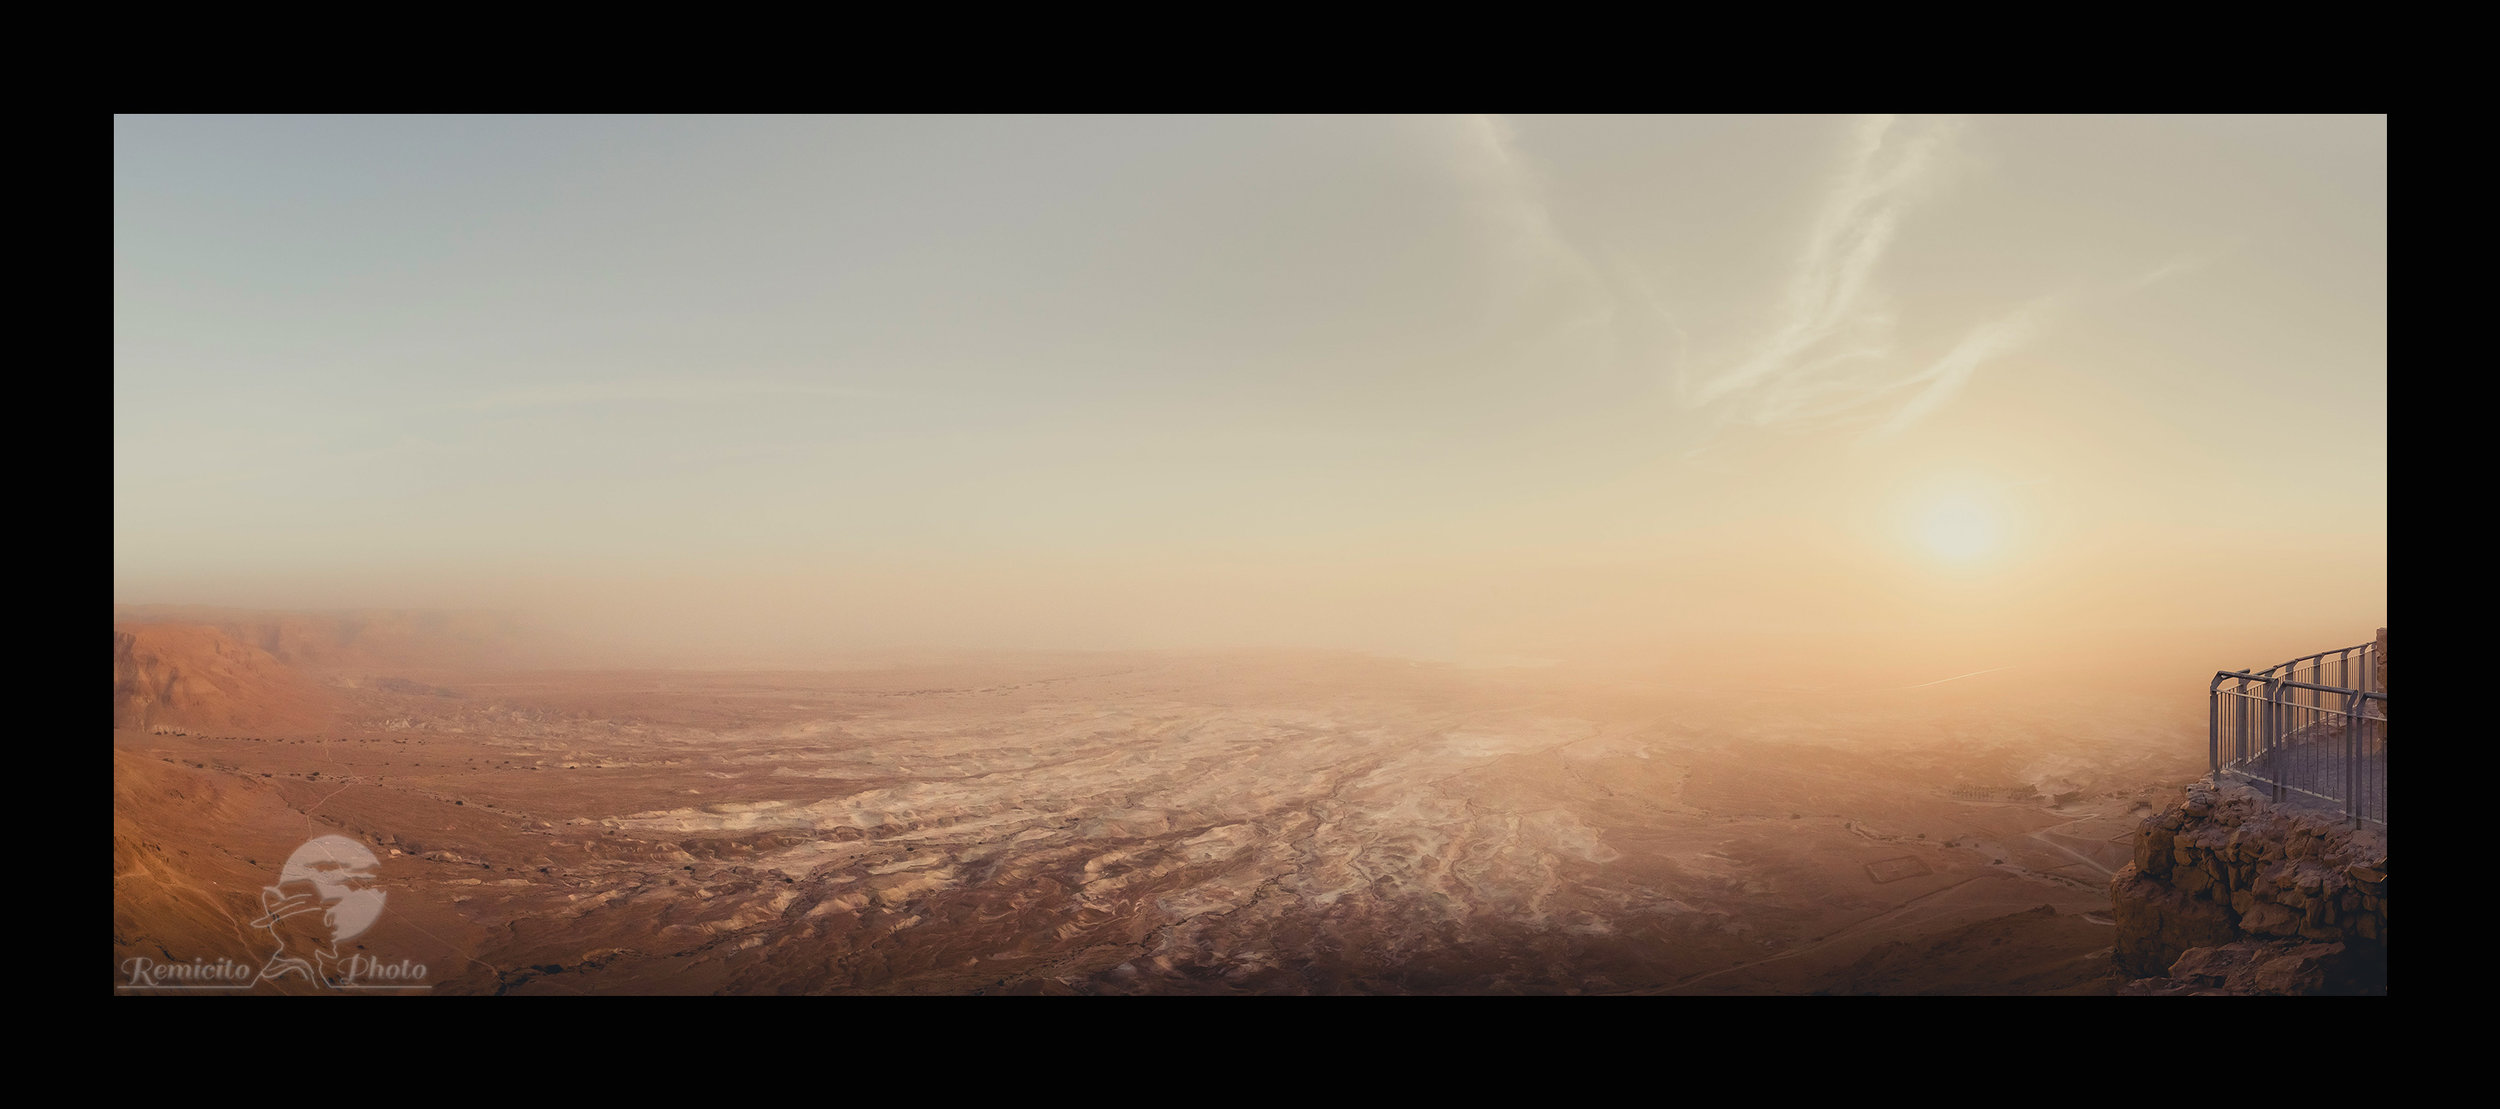 remicito photo, image du jour, photo du jour, idée cadeau, photo Masada Hérode, beautiful photography, sunrise photography, photo lever de soleil, idée déco, belle photo déco, belle photo Israël